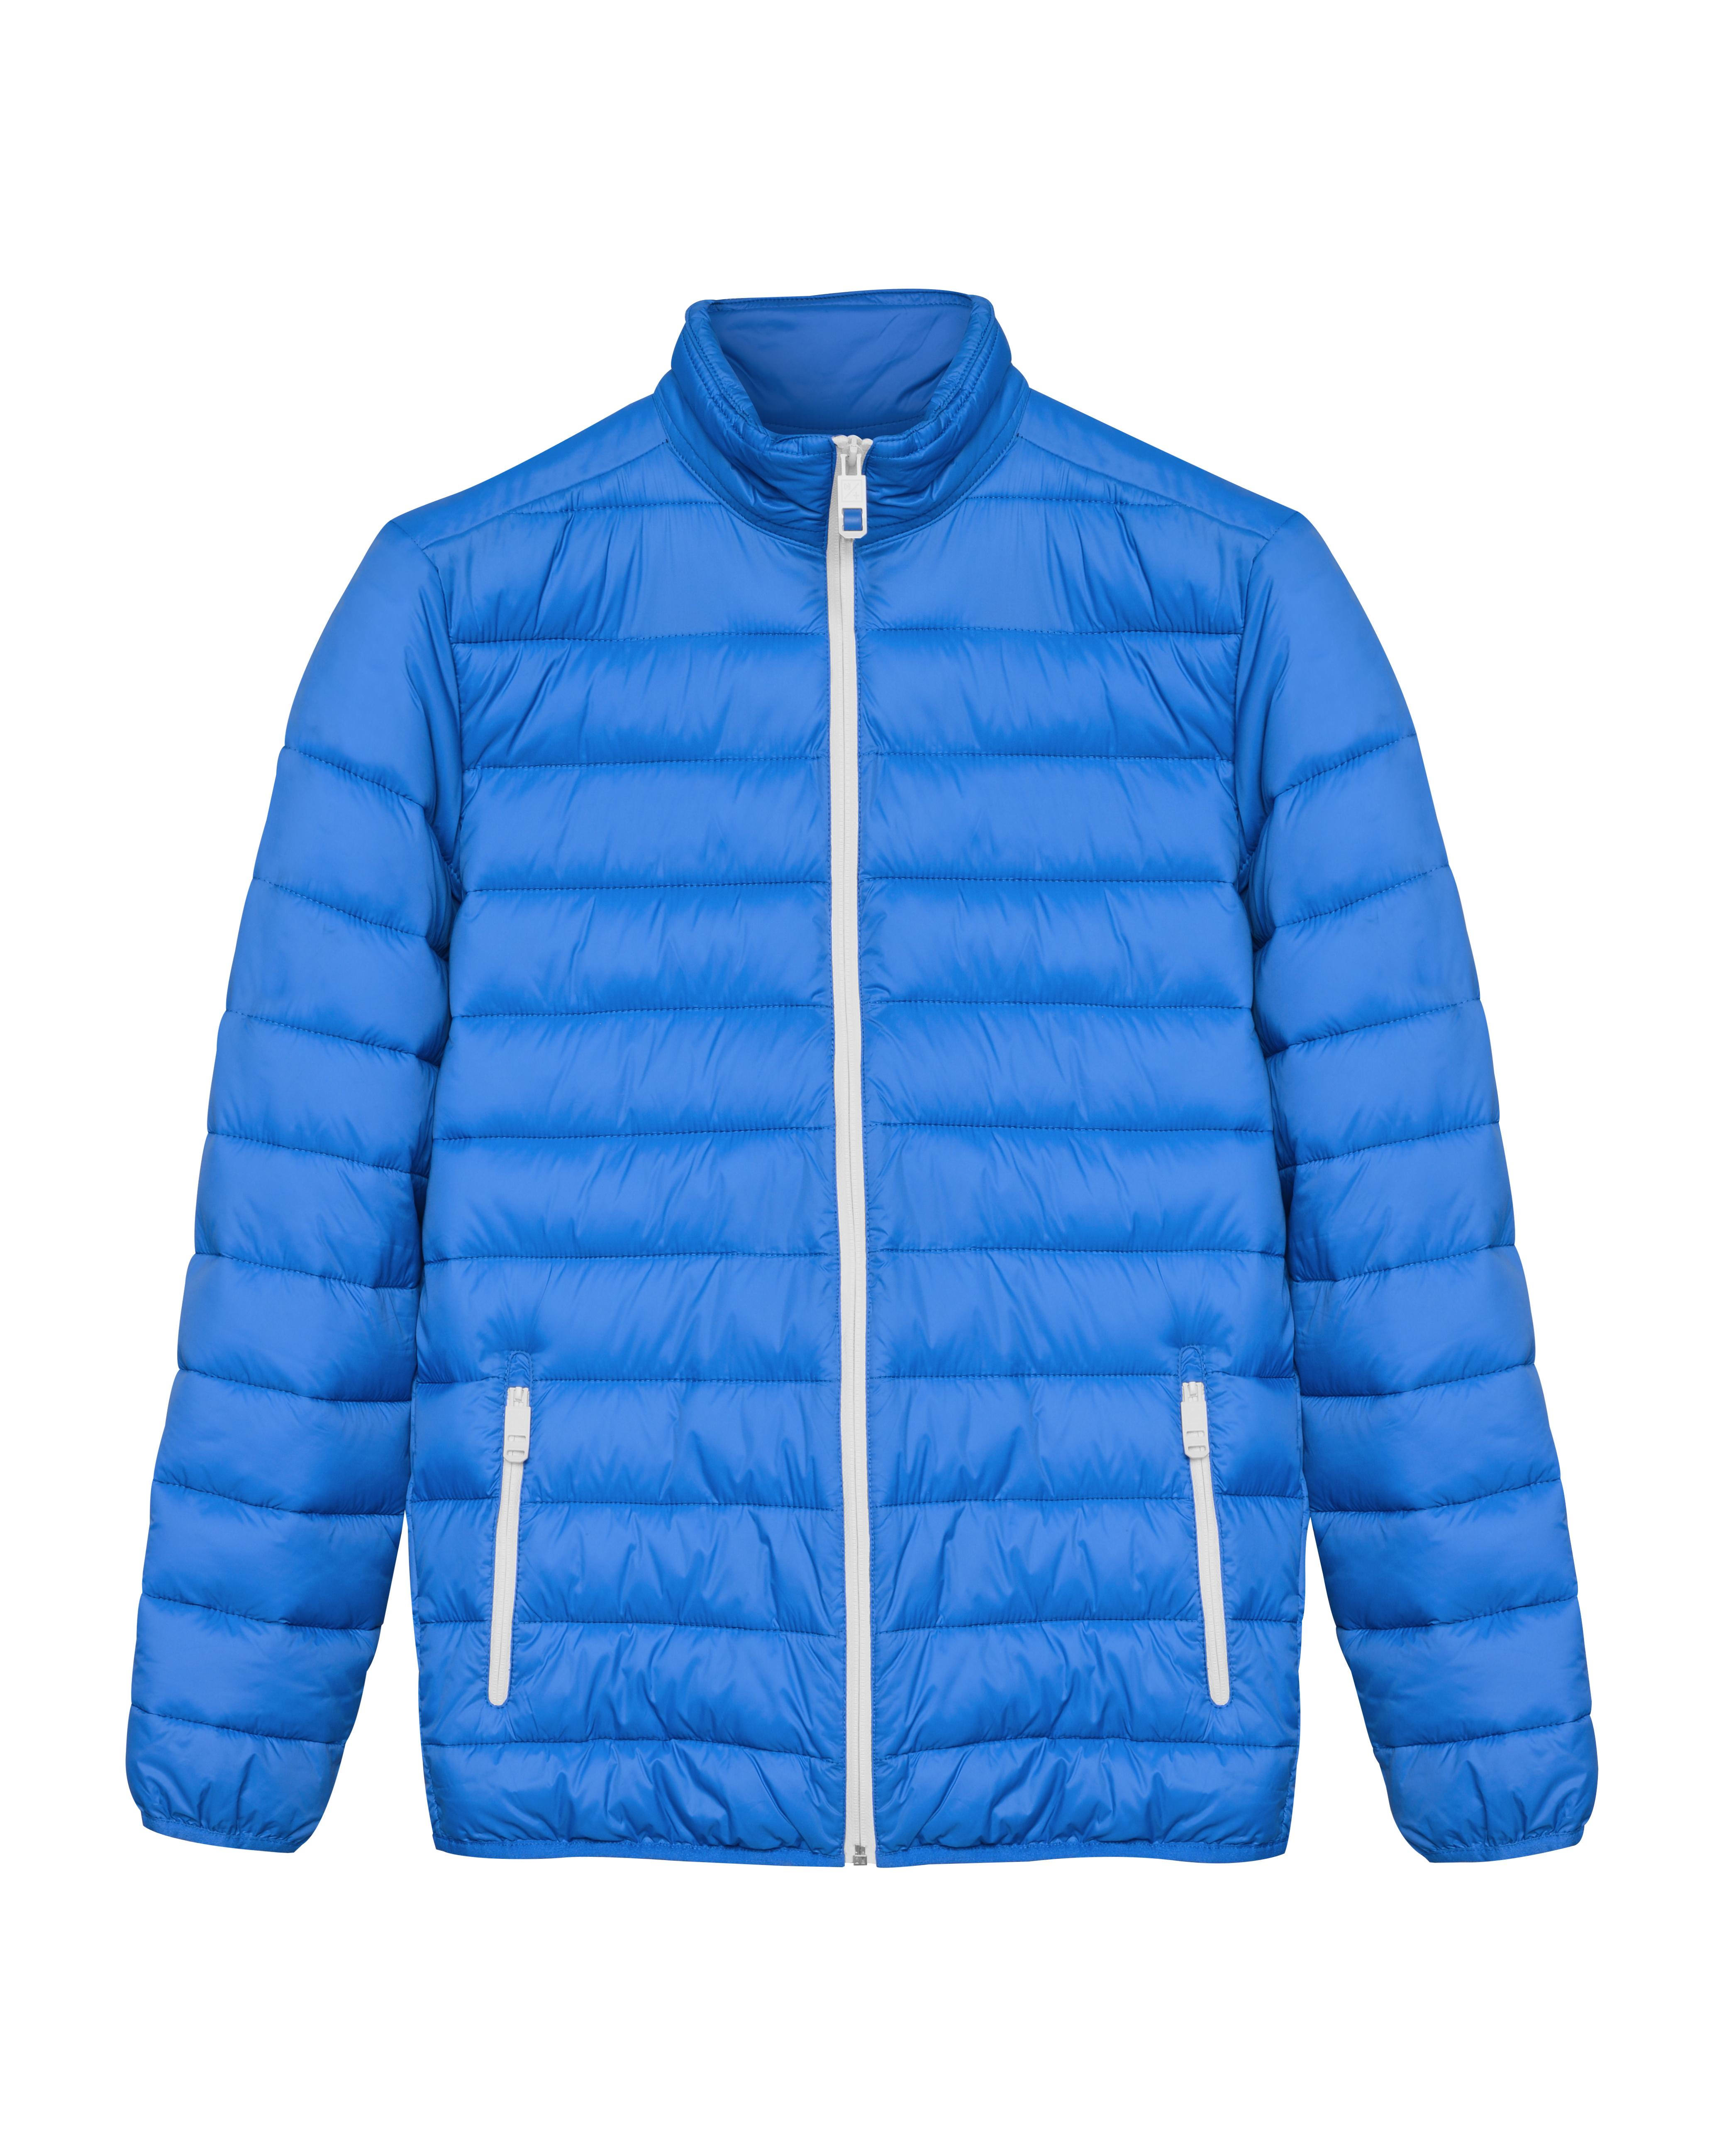 Custom made jackets (42)